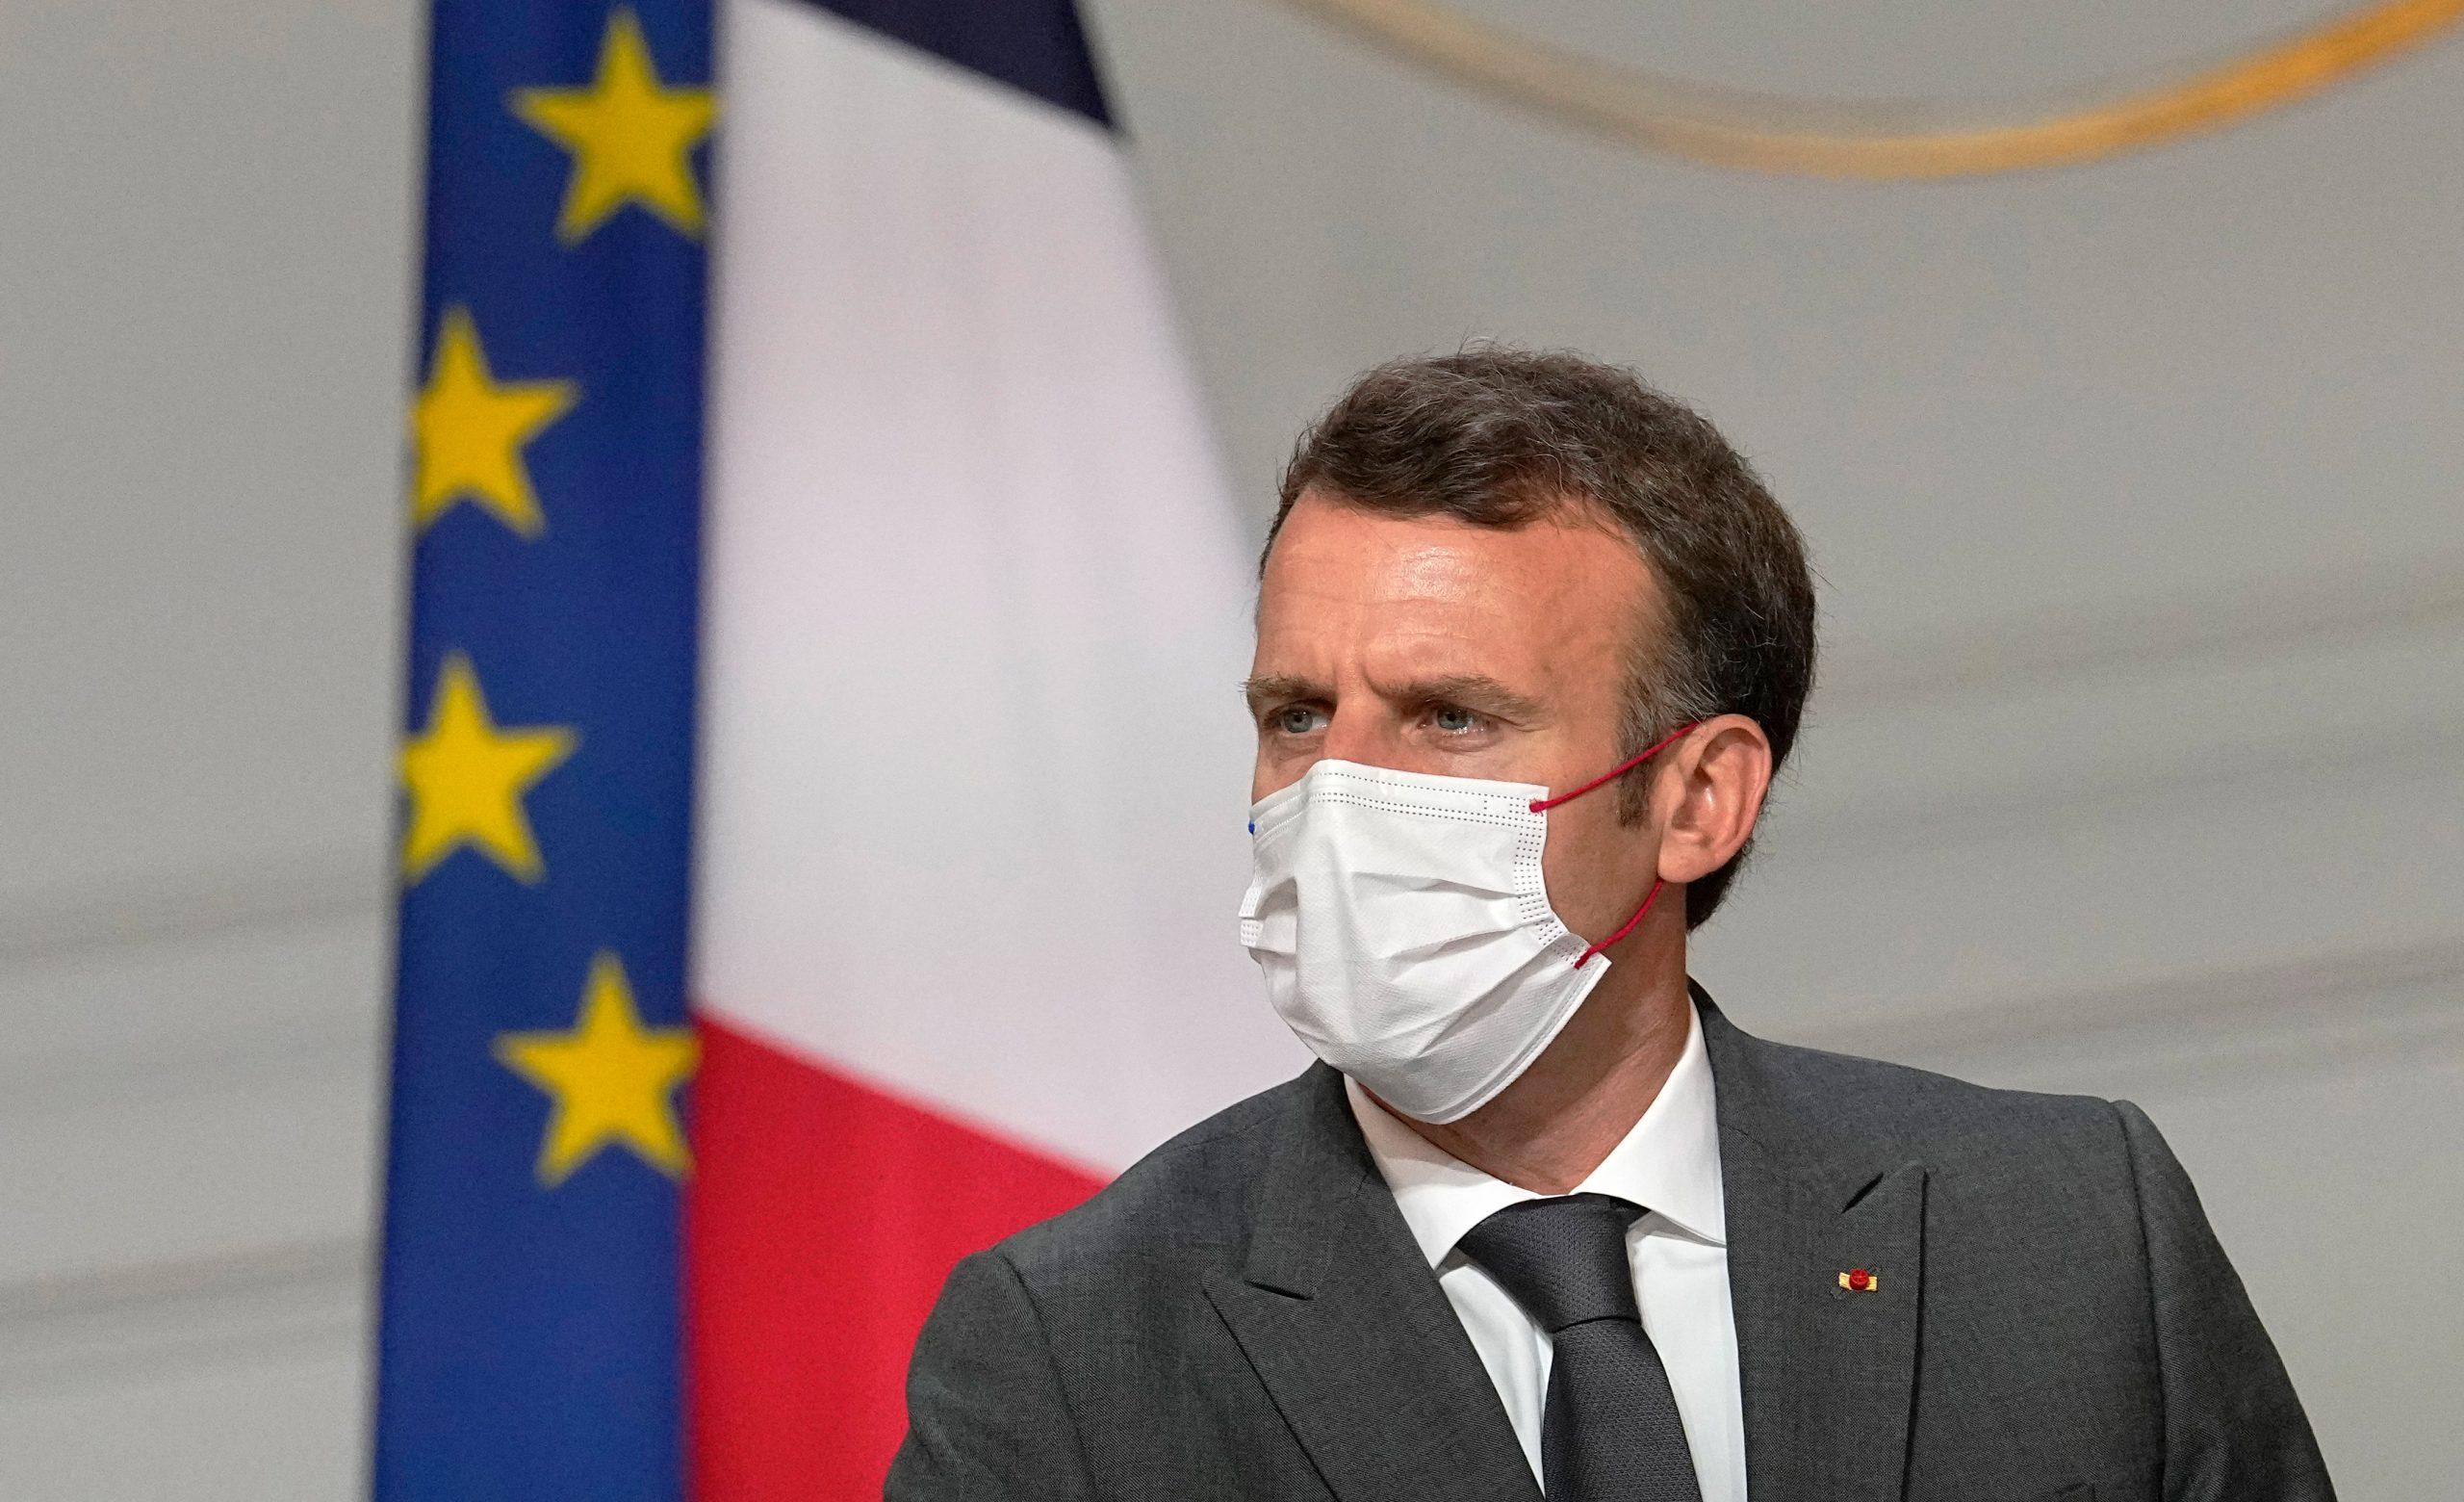 France's Macron hosts Tajik leader for talks on Afghanistan